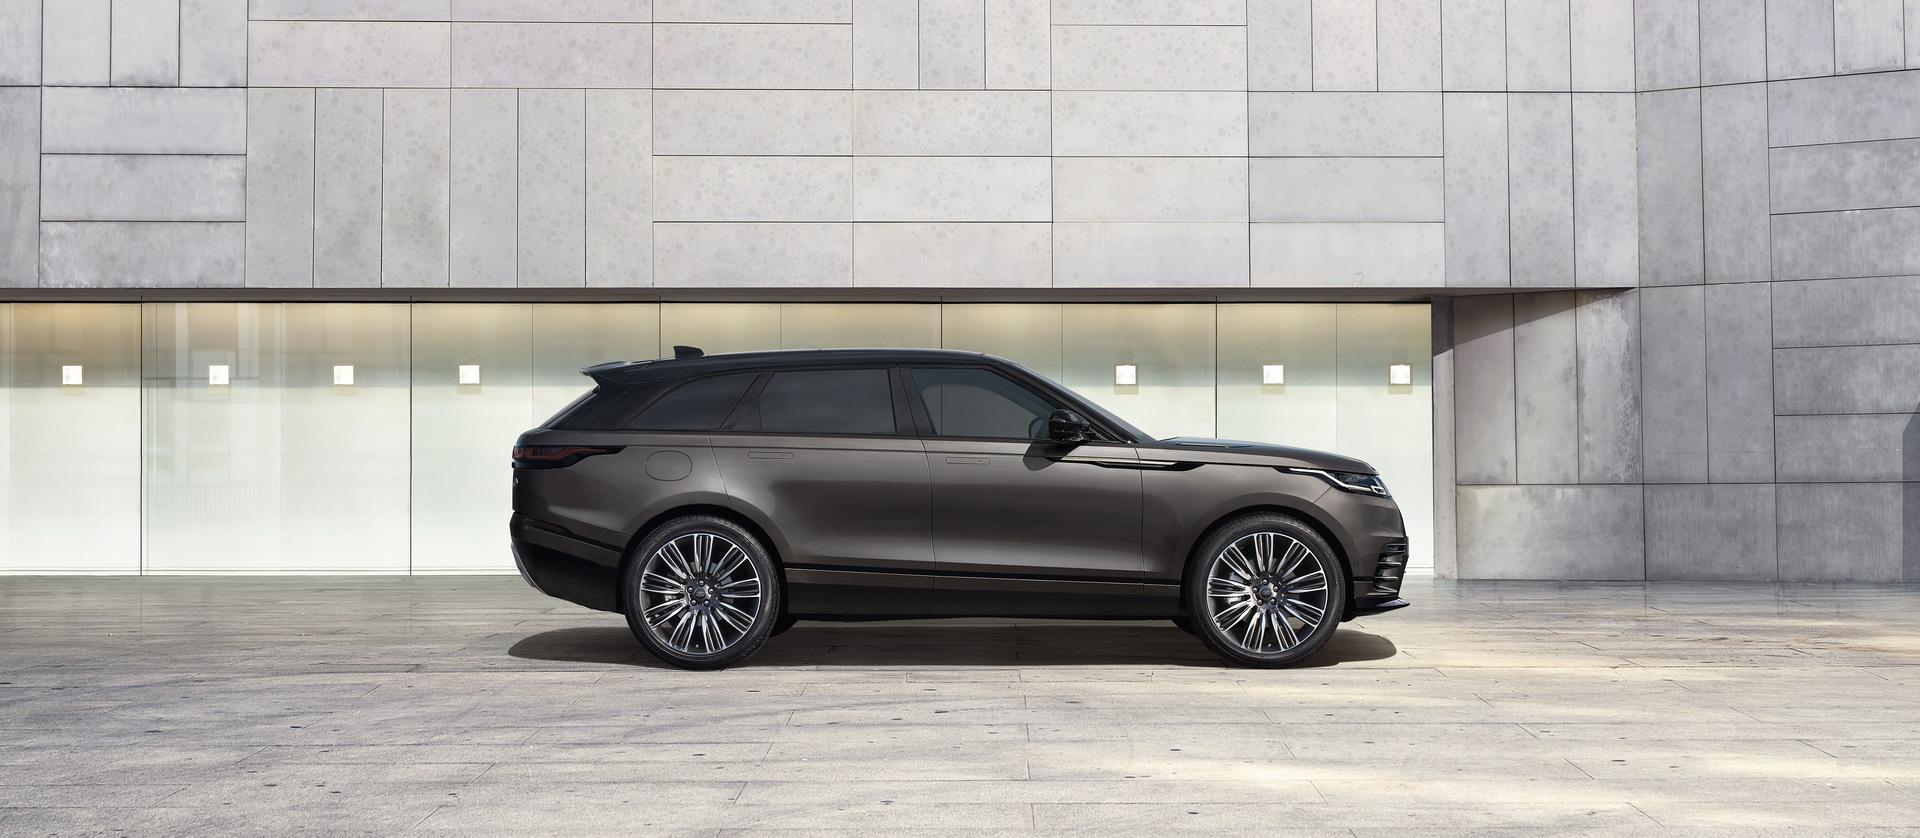 Land-Rover-ra-mắt-Range-Rover-Velar-2022-với-nhiều-nâng-cấp (15).jpg